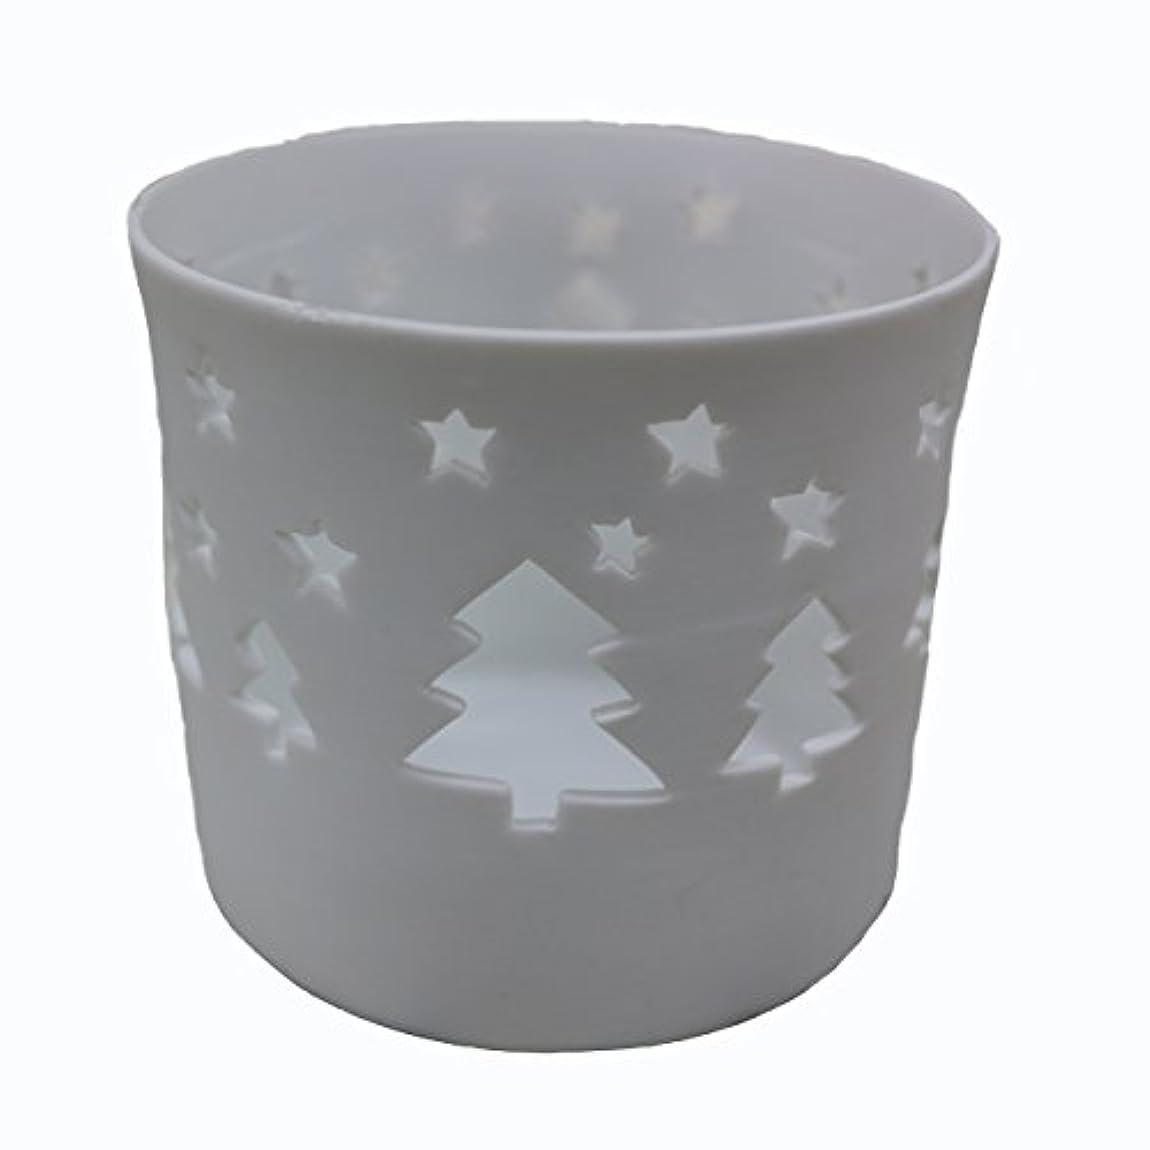 外交問題入場修正するキャンドルカップ(ティーライト付き) ツリー